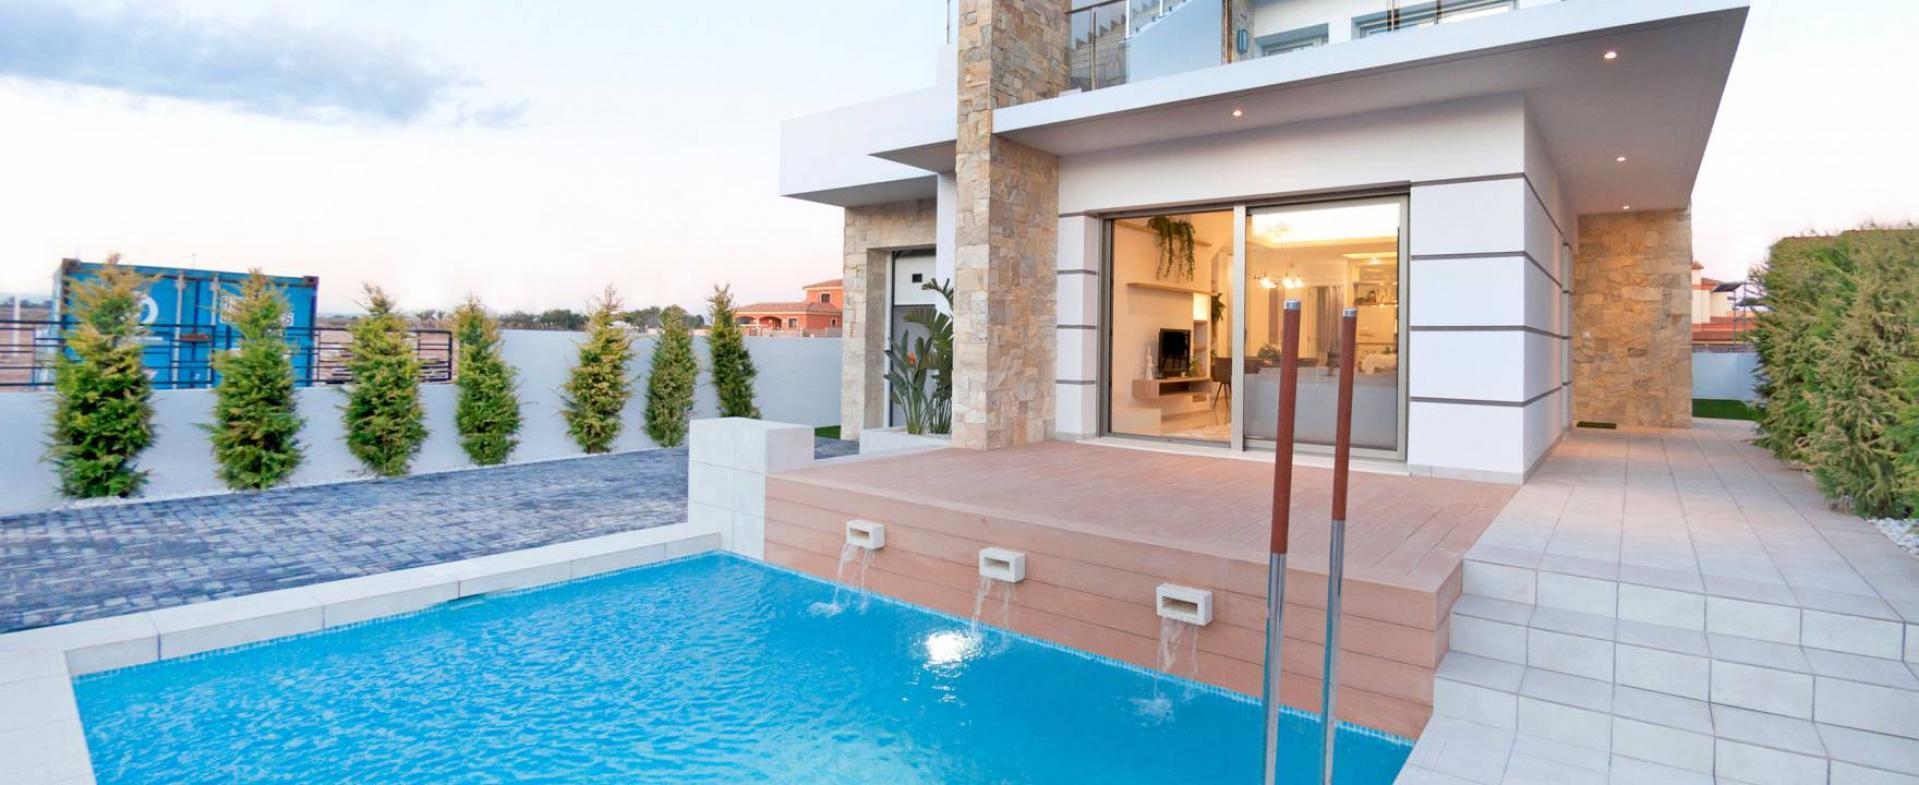 Villa moderne en Los Alcazares Costa Calida, en Espagne in Medvilla Spanje